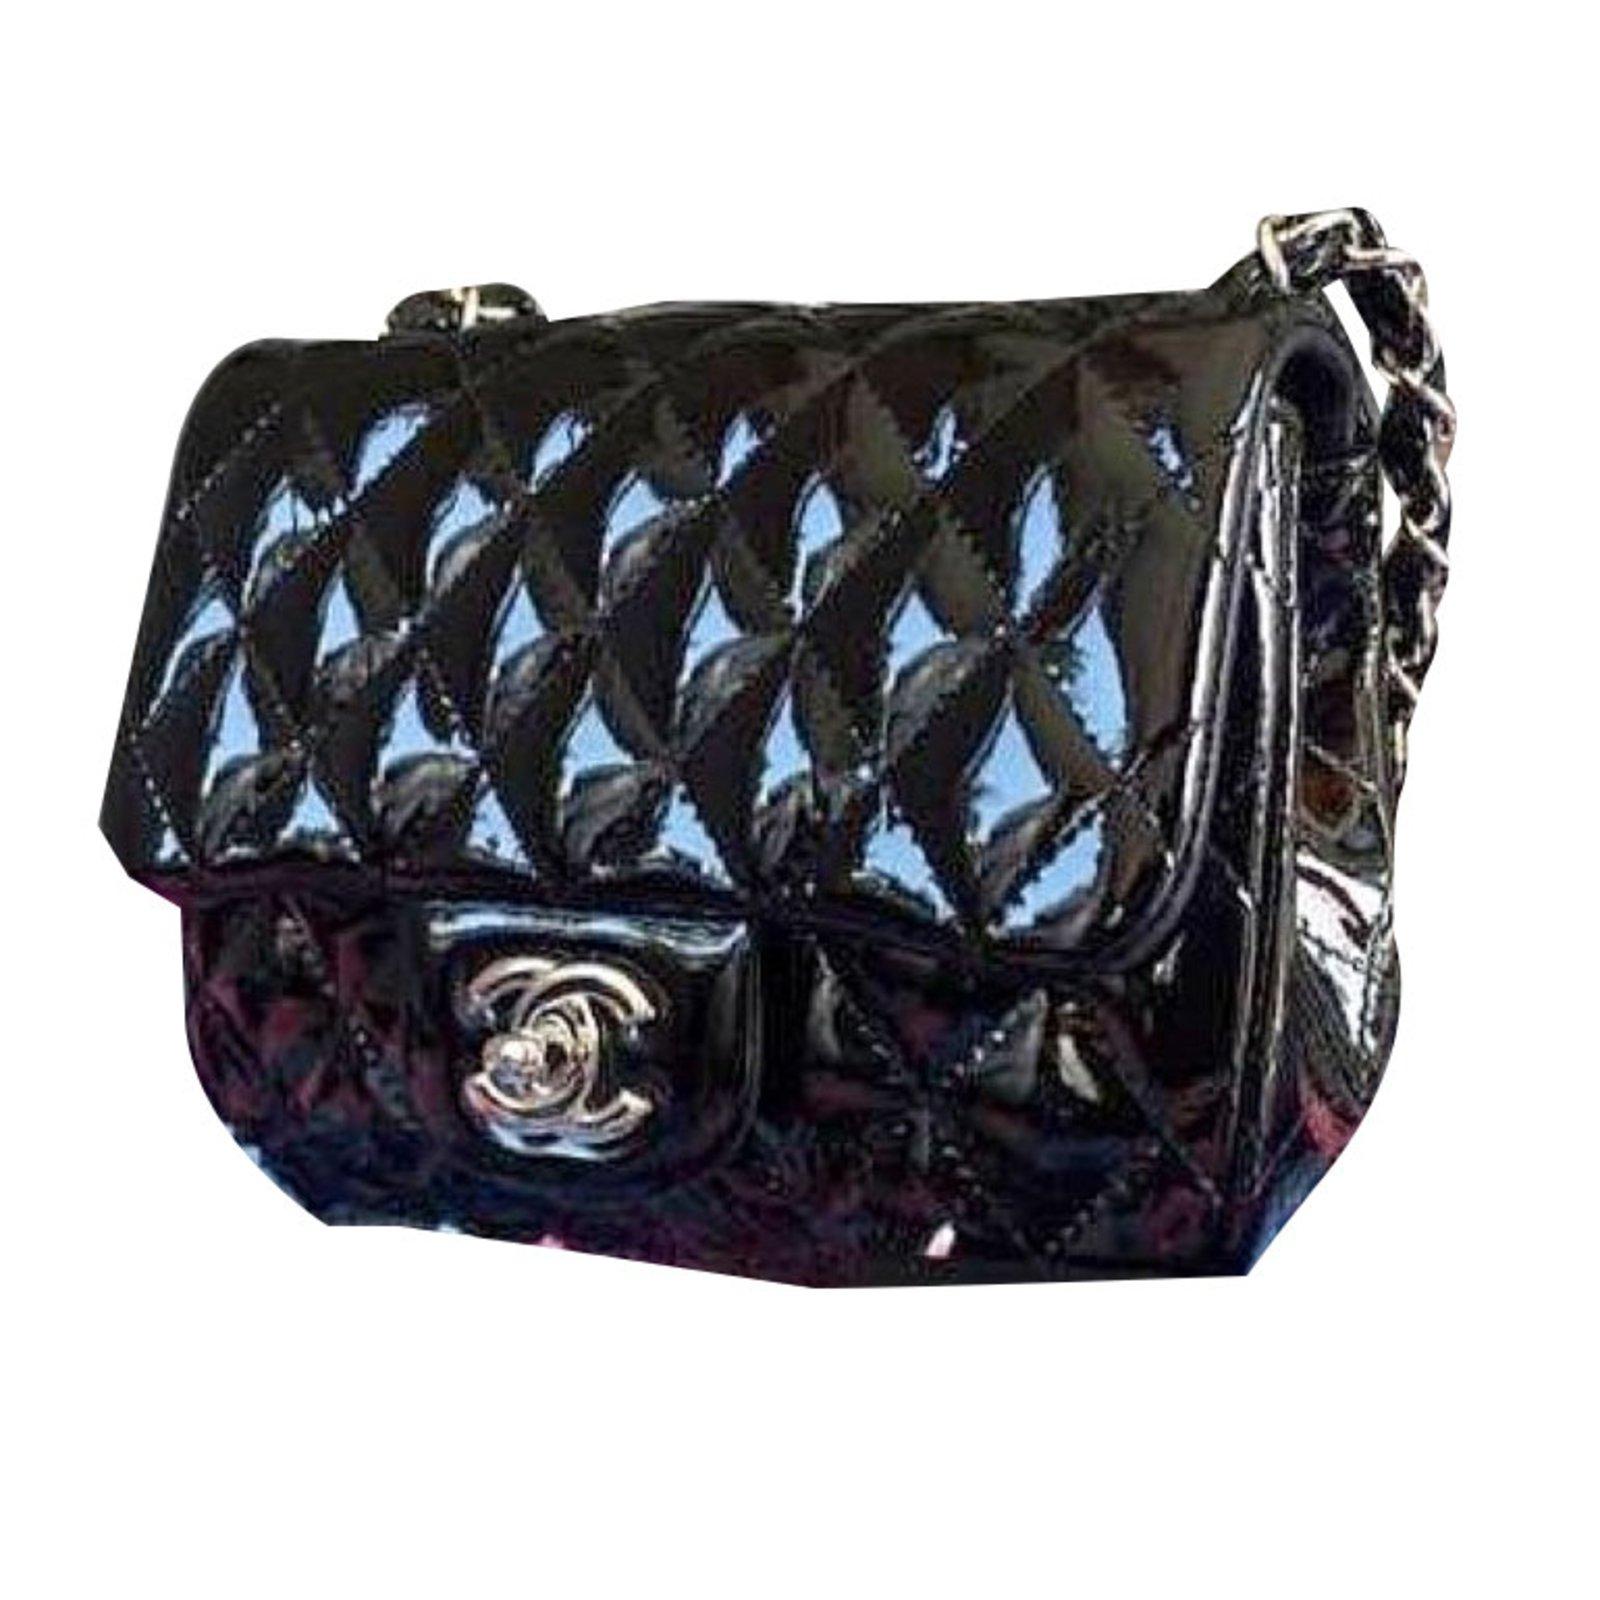 Chanel Mini Flap Bag. chanel mini flap bag catawiki. molly sims ... b546fd3d5e